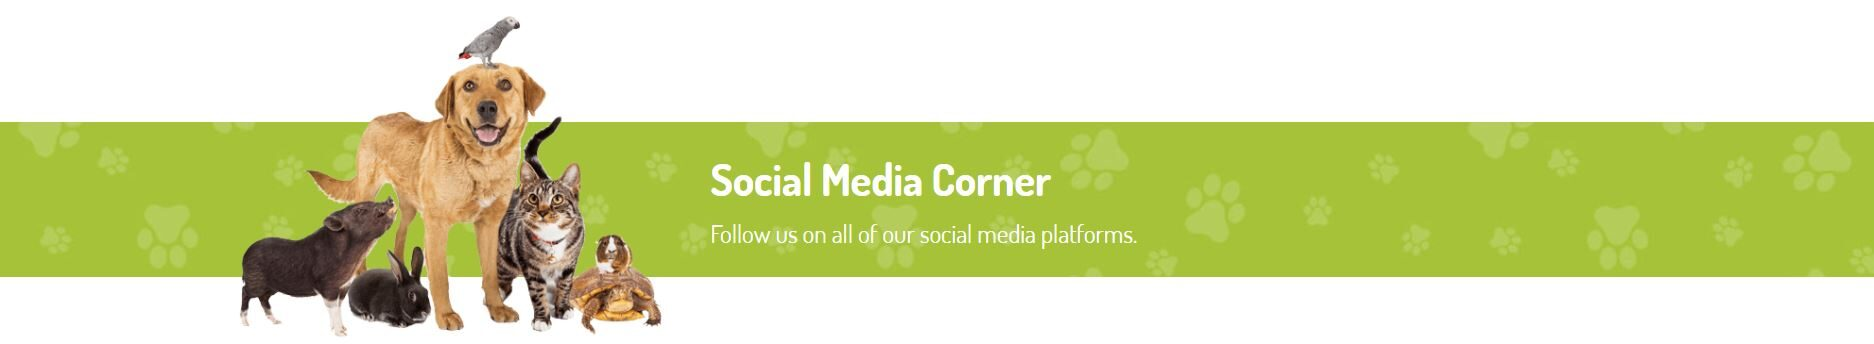 social media corner header image